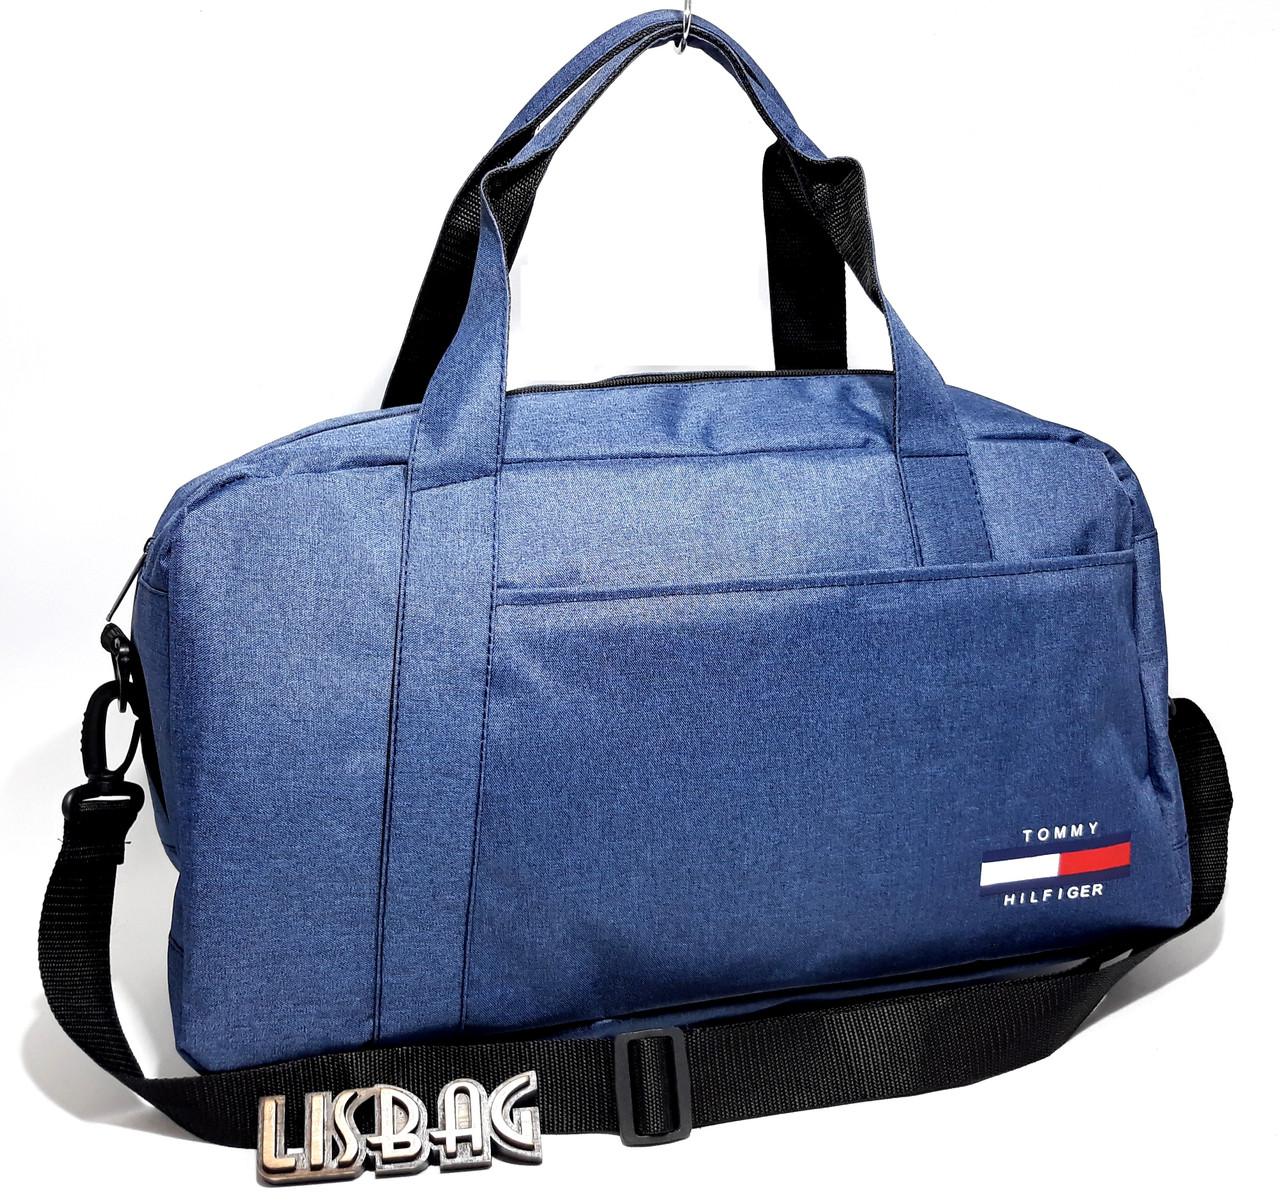 30a101562b7a Спортивная сумка на тренировку копия известного бренда, Синяя ...